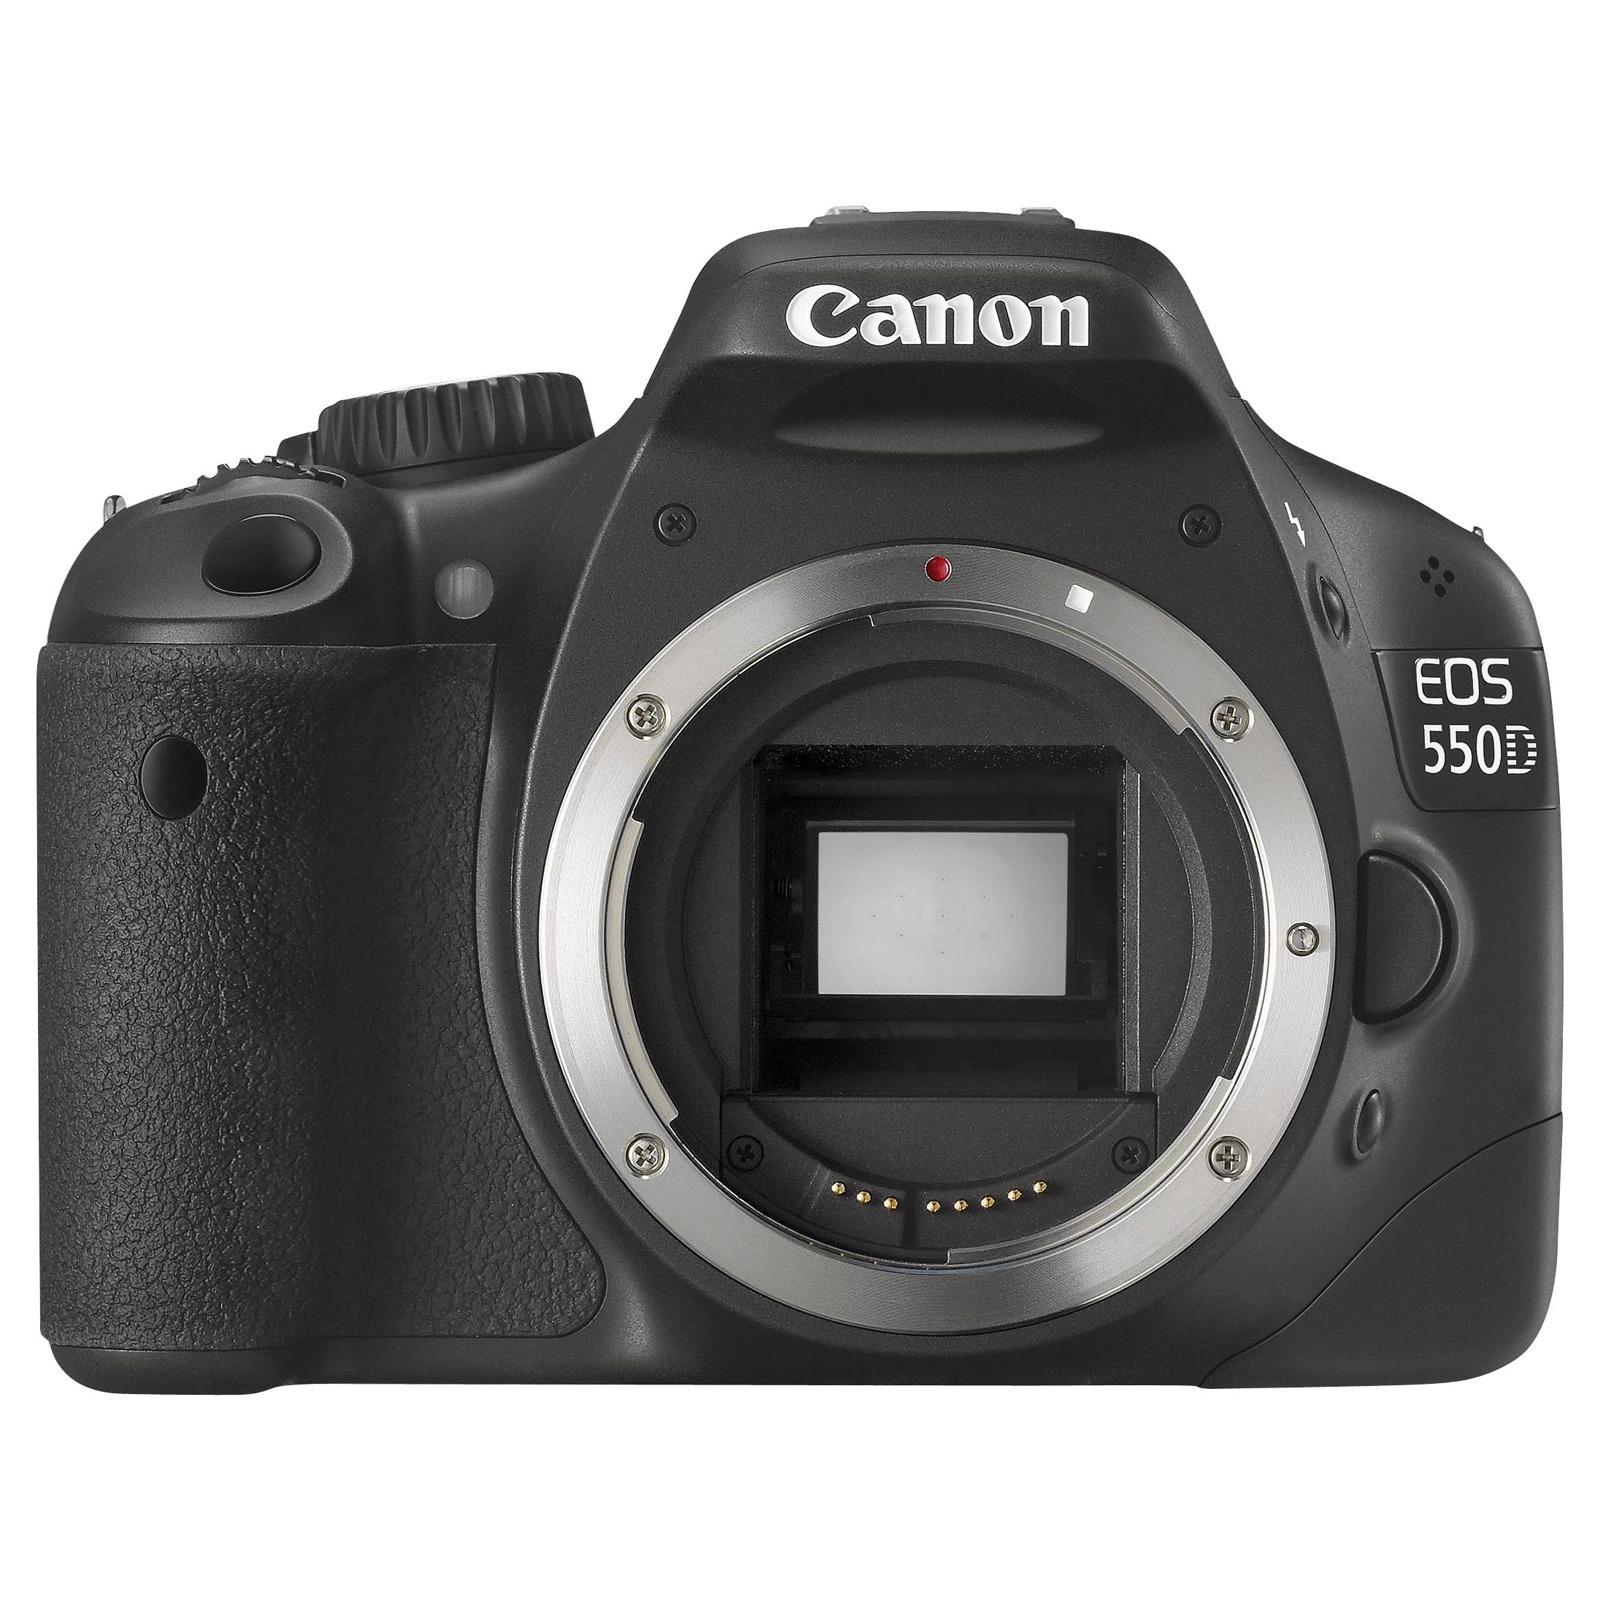 Canon eos 550d appareil photo reflex canon sur for Ecran appareil photo canon